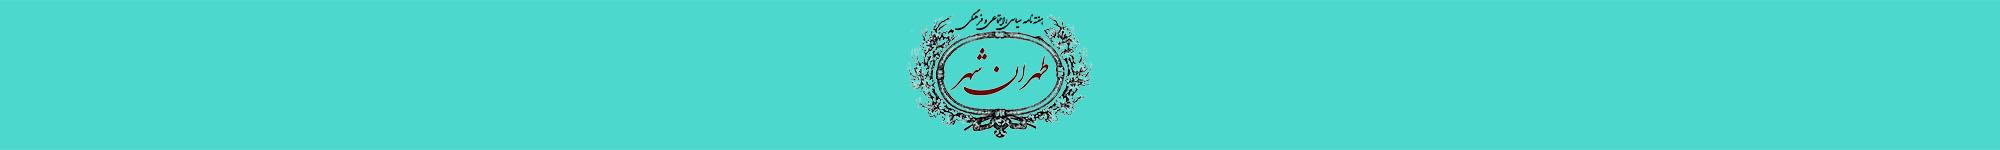 هفته نامه سیاسی ، اجتماعی  ، فرهنگی طهران شهر